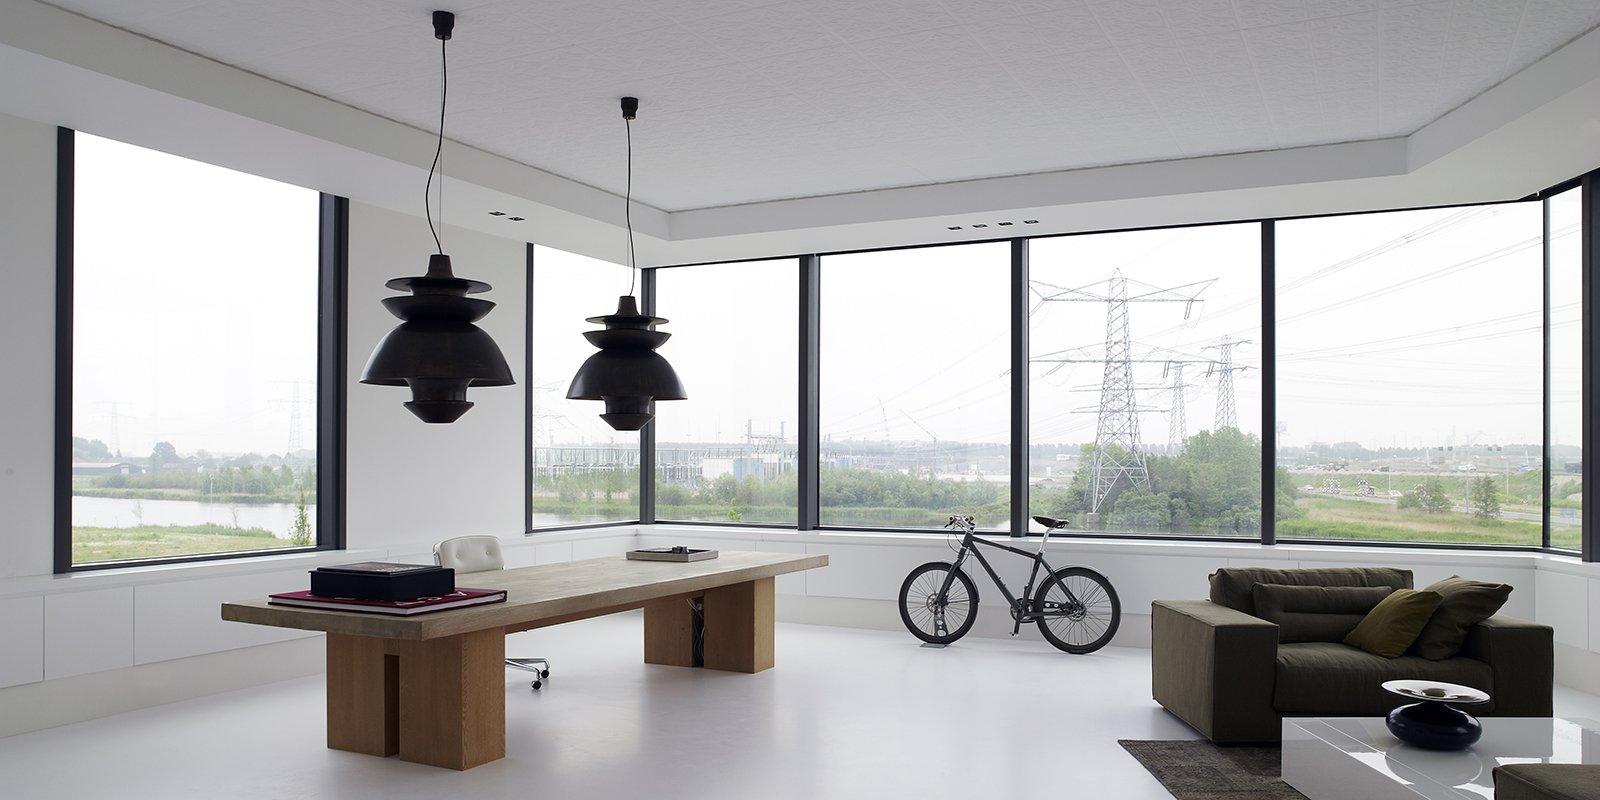 Modern vormgegeven objecten worden gecombineerd met klassieke elementen door Piet Boon Studio